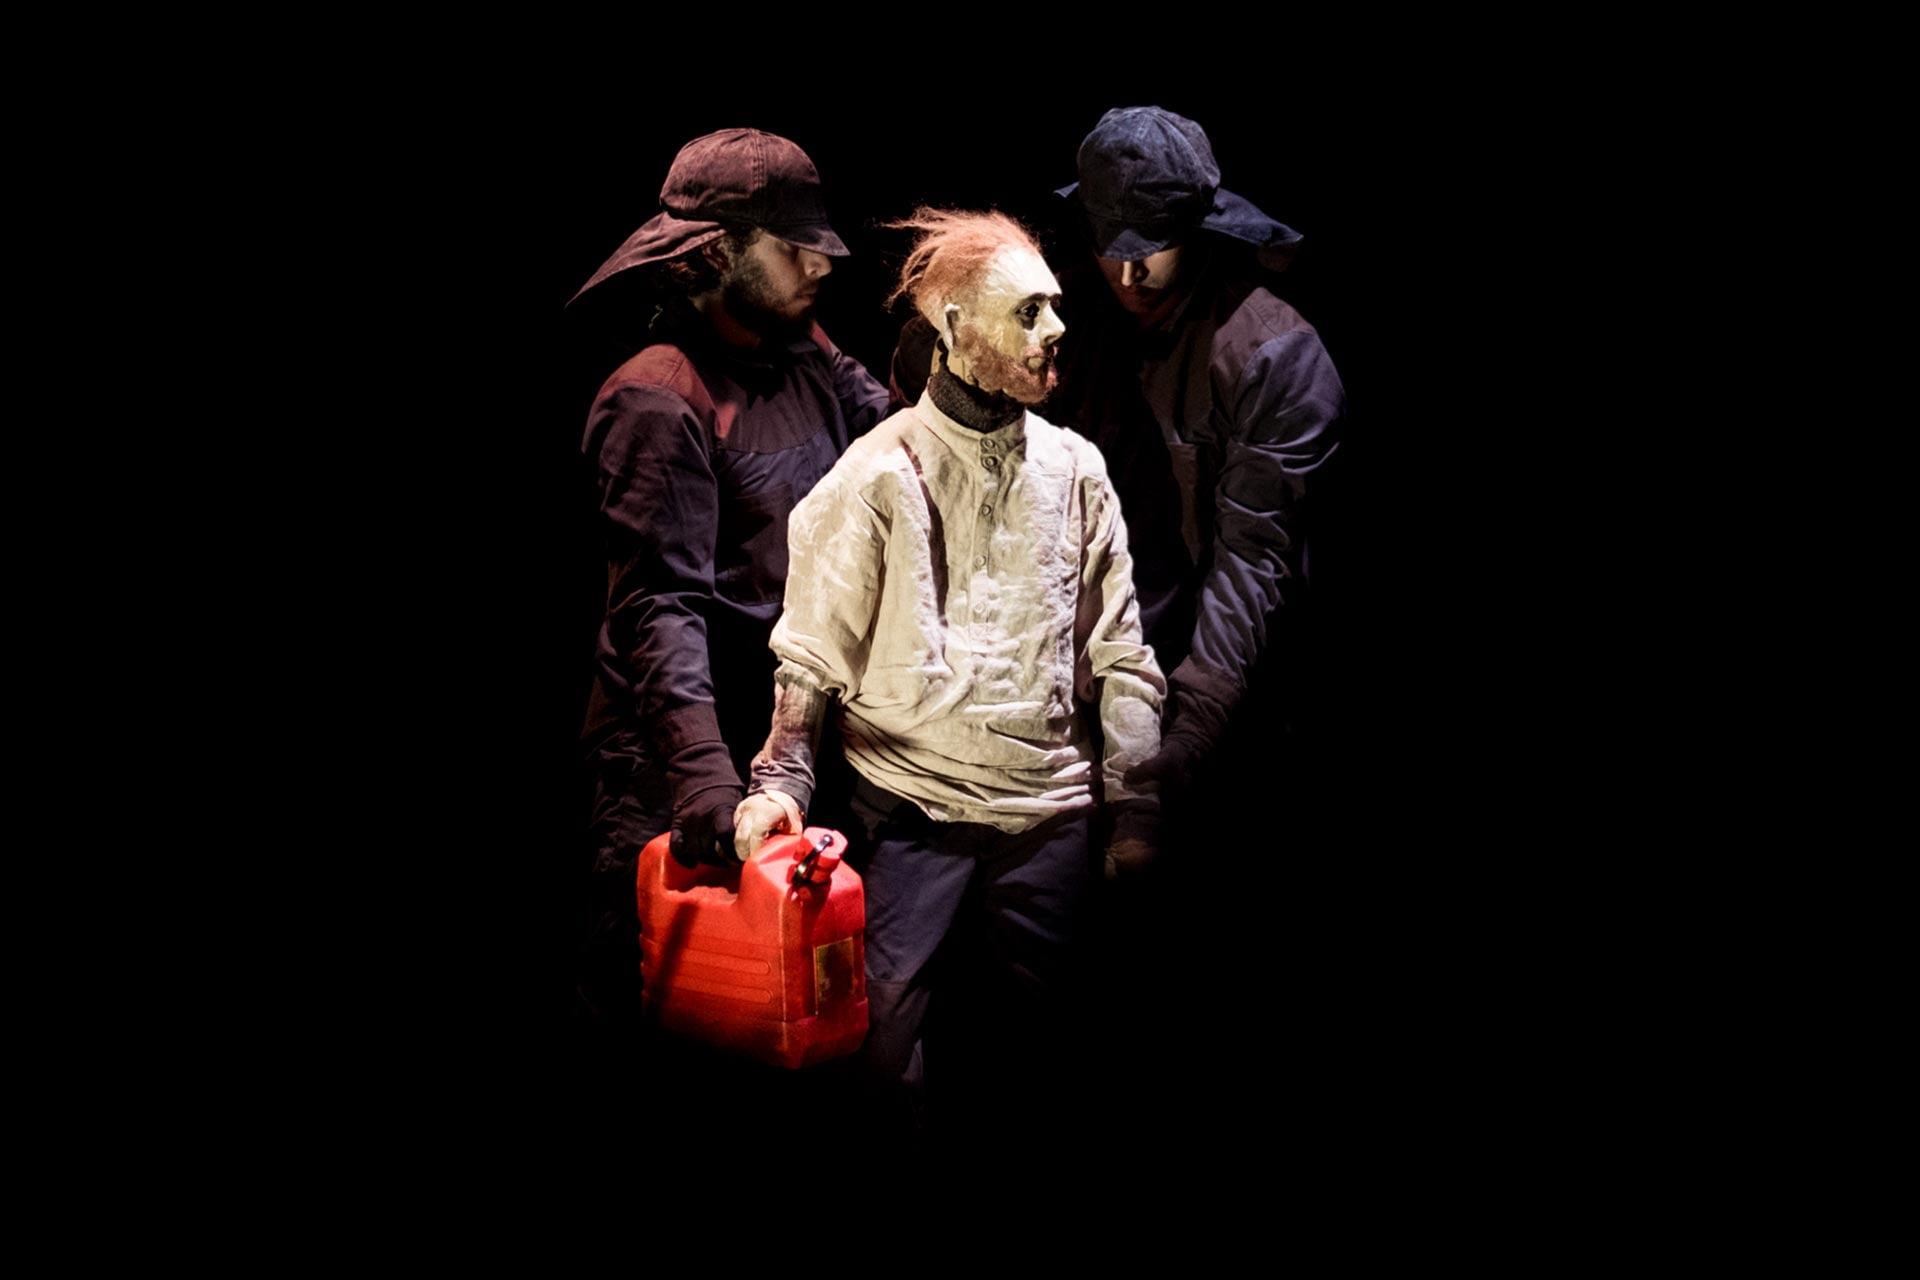 Ashes utilise des marionnettes hyper réalistes et relate l'histoire d'un pyromane qui met le feu à des bâtiments dans un village norvégien.